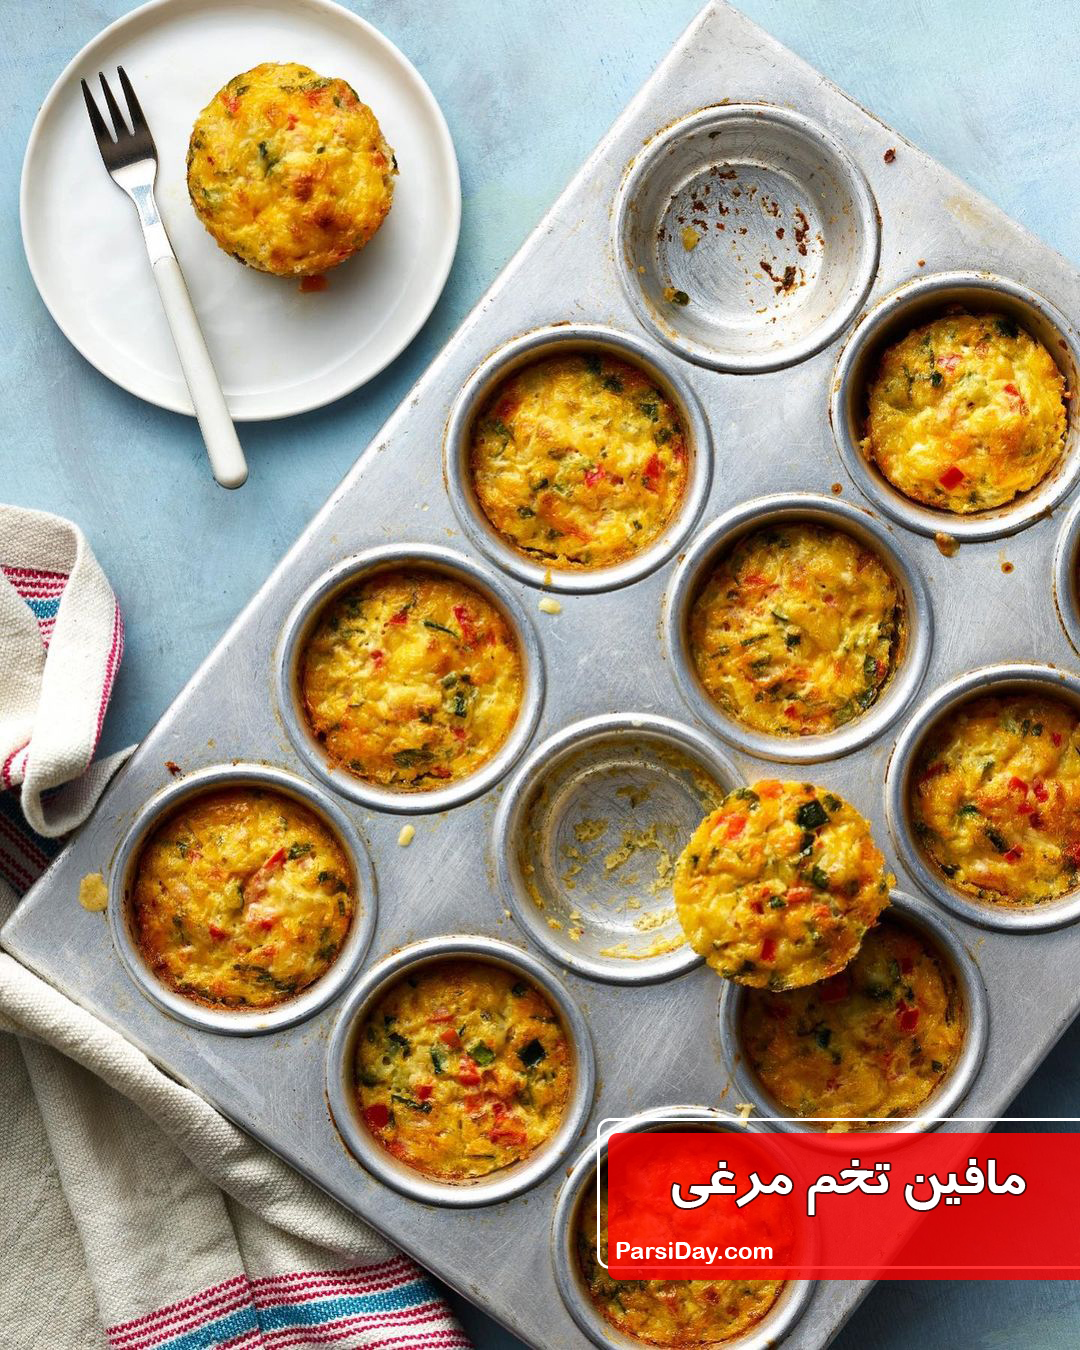 طرز تهیه مافین تخم مرغی یا مافین صبحانه ساده و خوشمزه با ژامبون